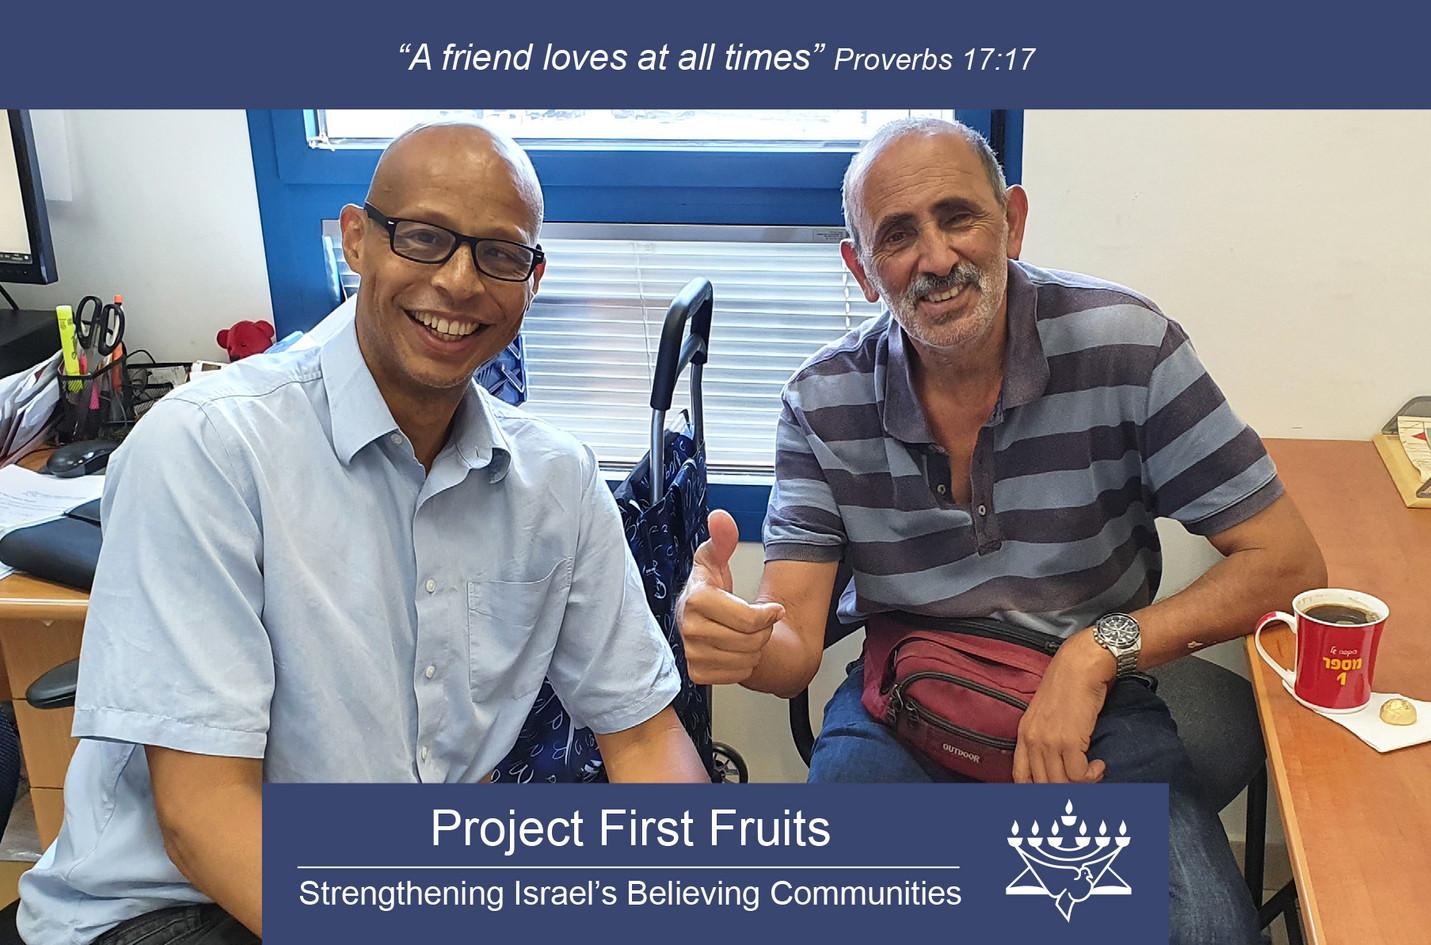 CFI Project First Fruits.jpg